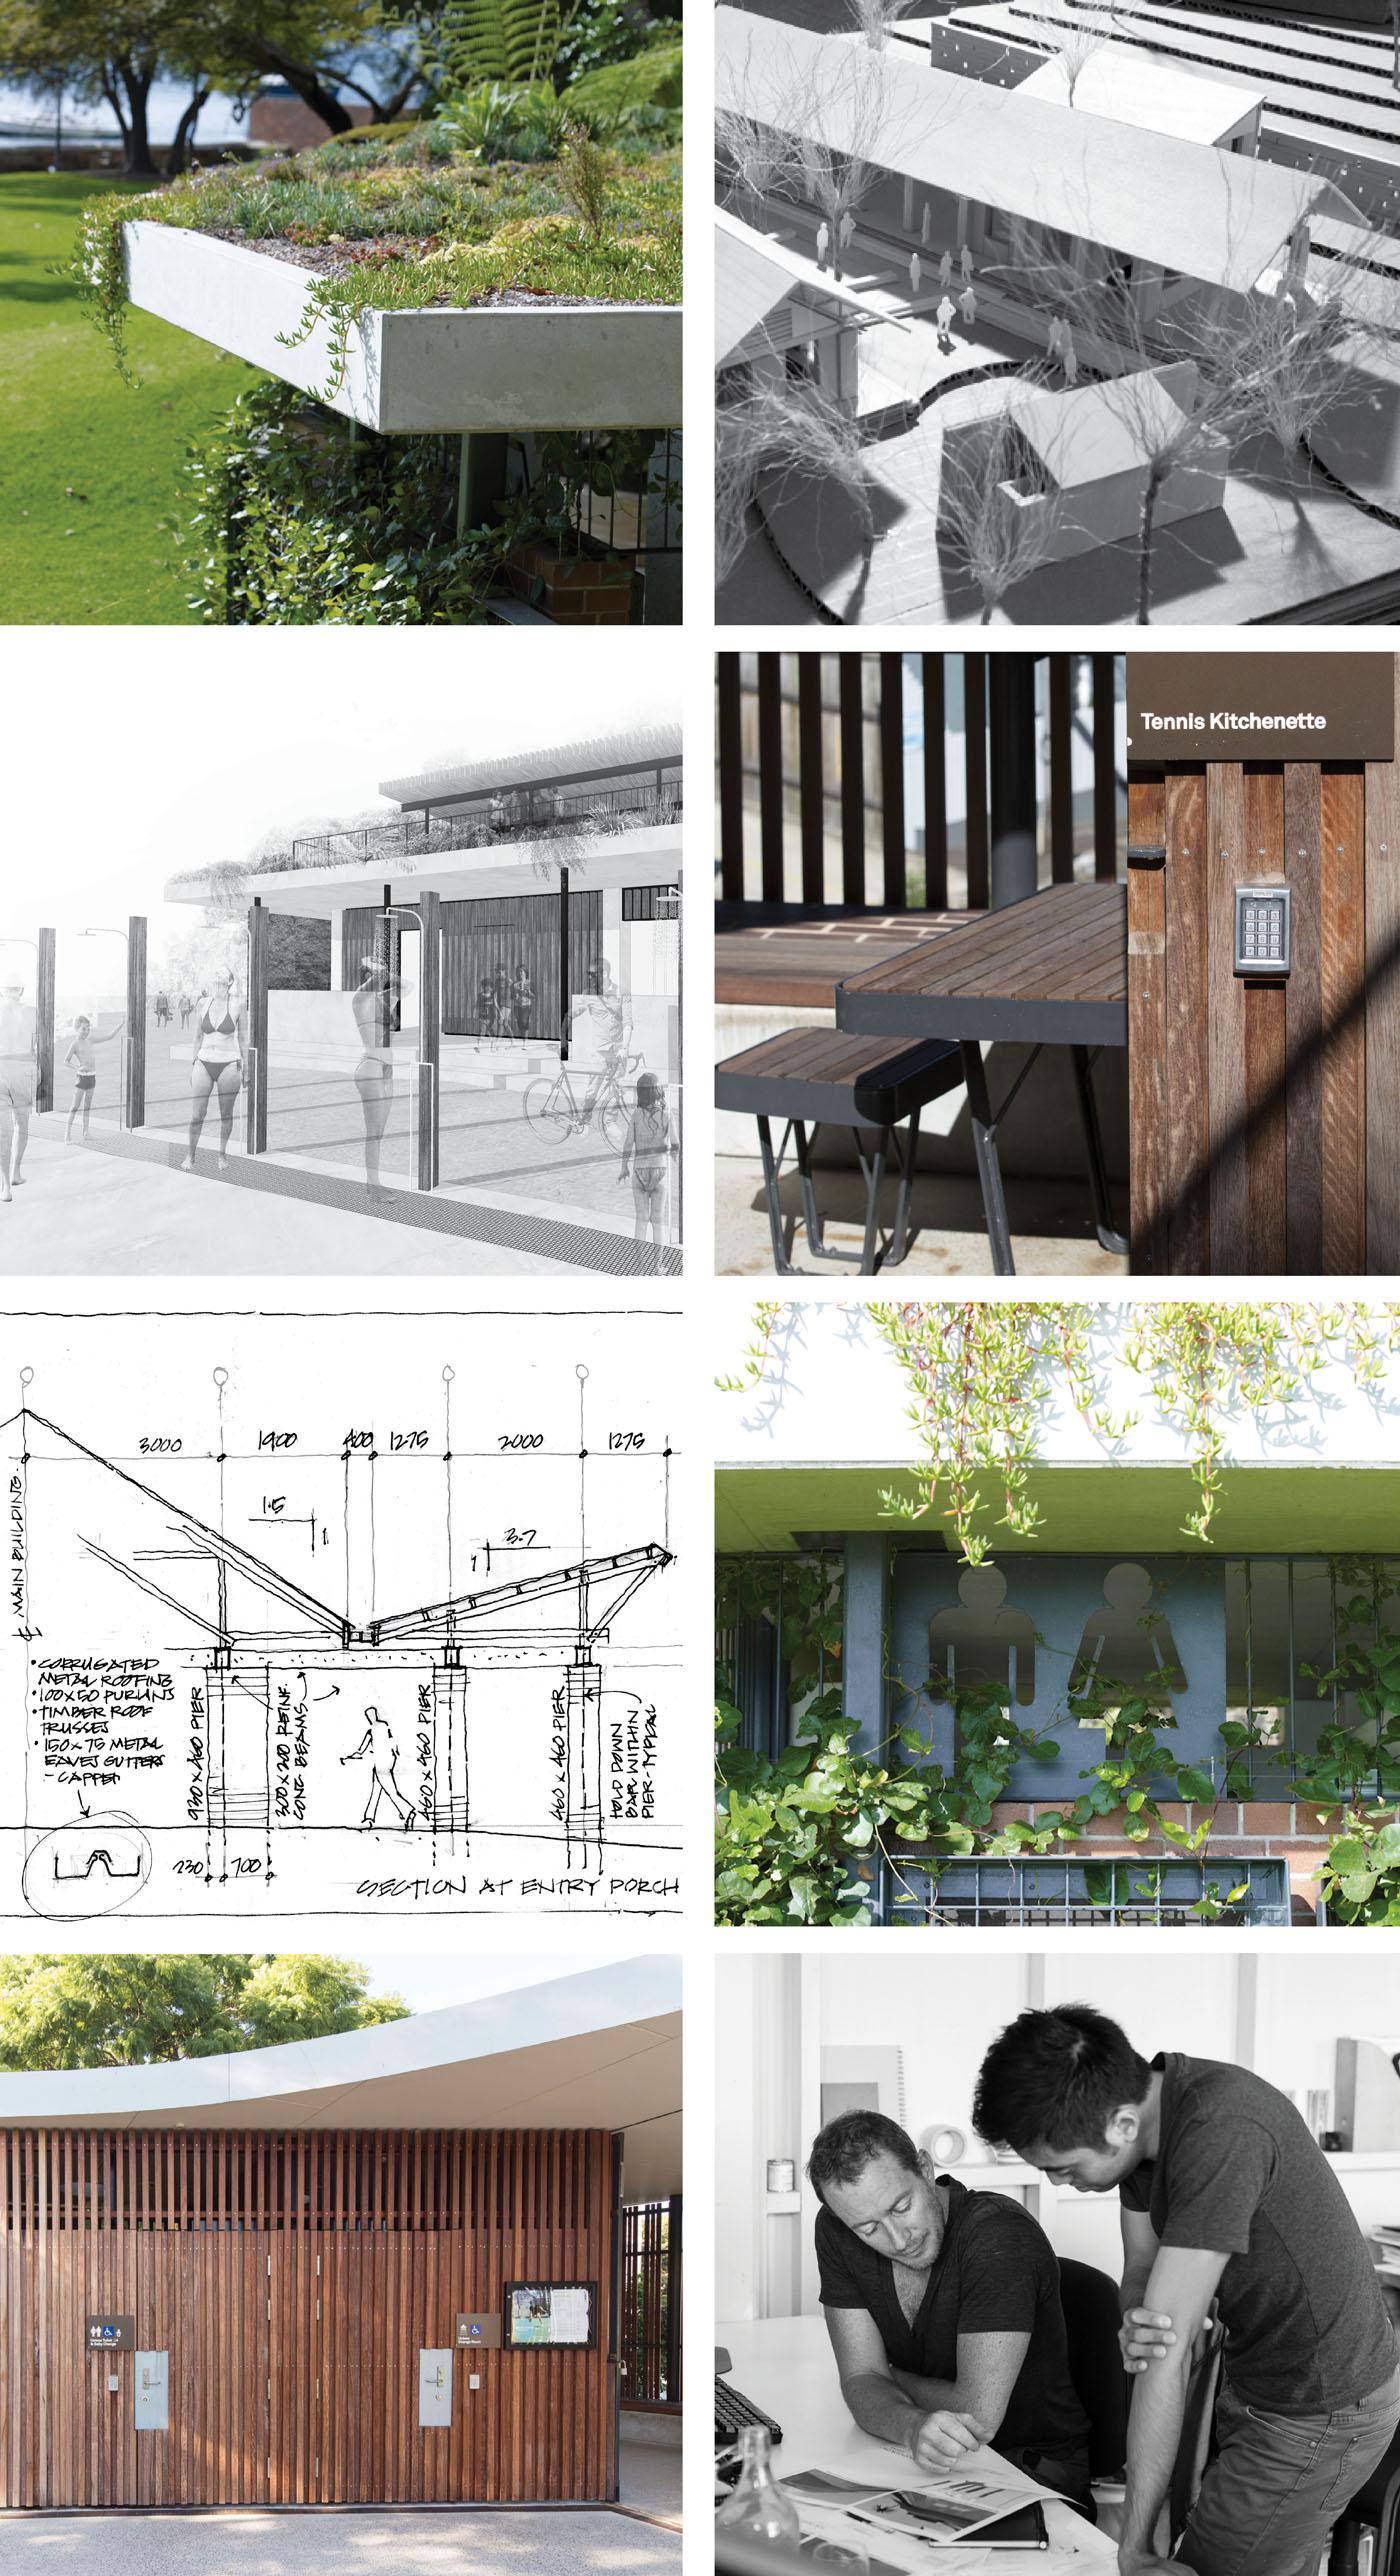 public architecture examples